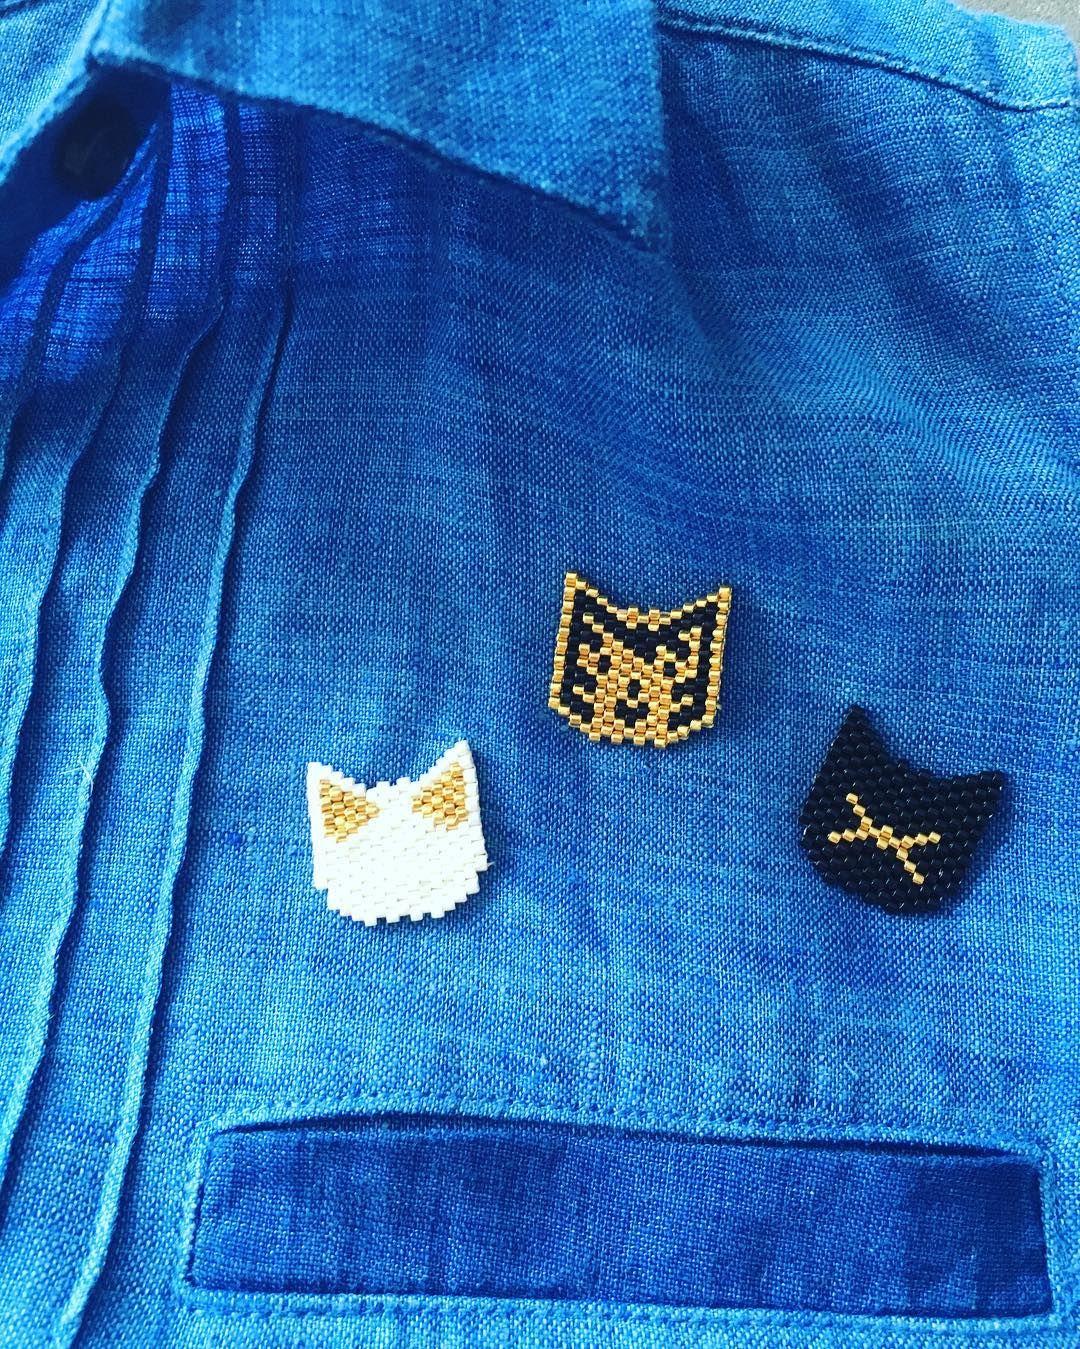 Cats' family. A porter seul ou en groupe . Inspiration DPH. #jenfiledesperlesetjassume #jolispois #motifjolispois #miyukiaddict #tissageperle #miyuki #tissage #madeinbordeaux